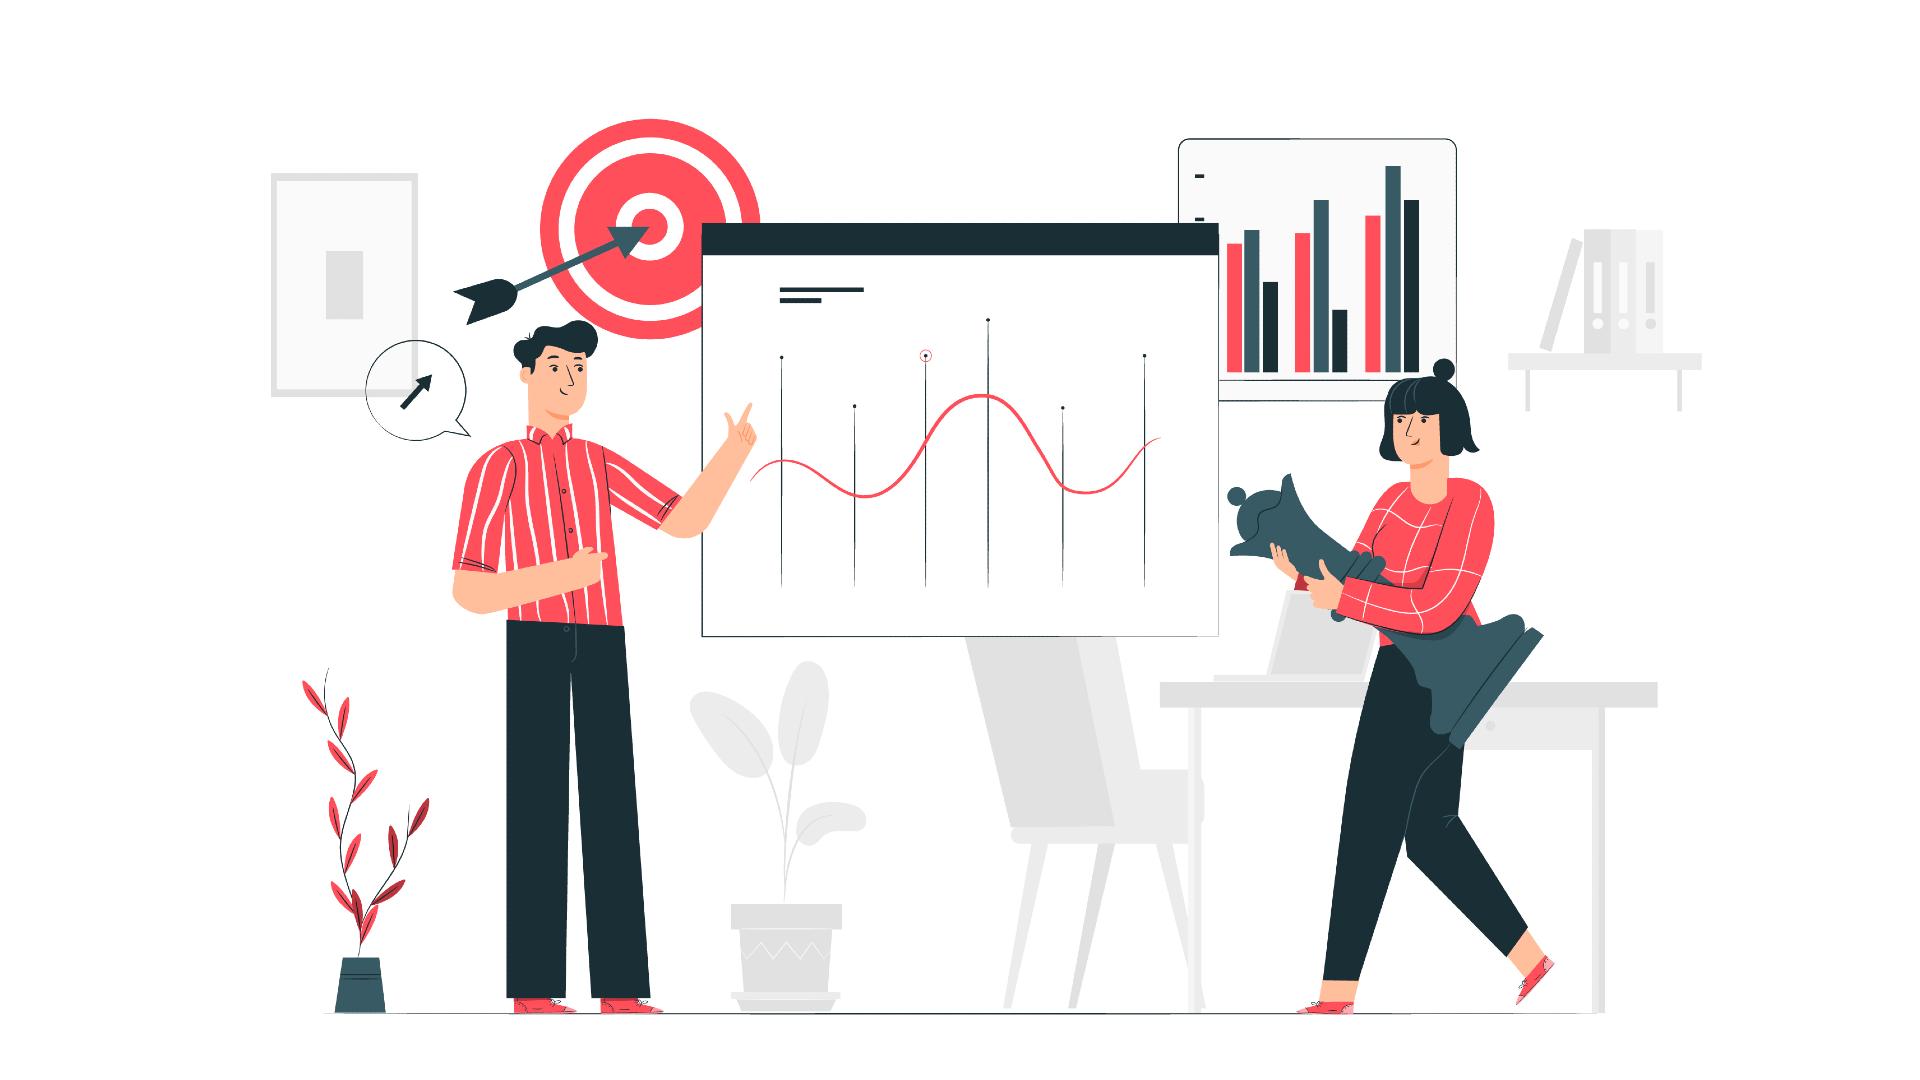 como ganhar dinheiro na internet infoprodutos - Como Ganhar Dinheiro na Internet: 6 Formas Reais e Comprovadas